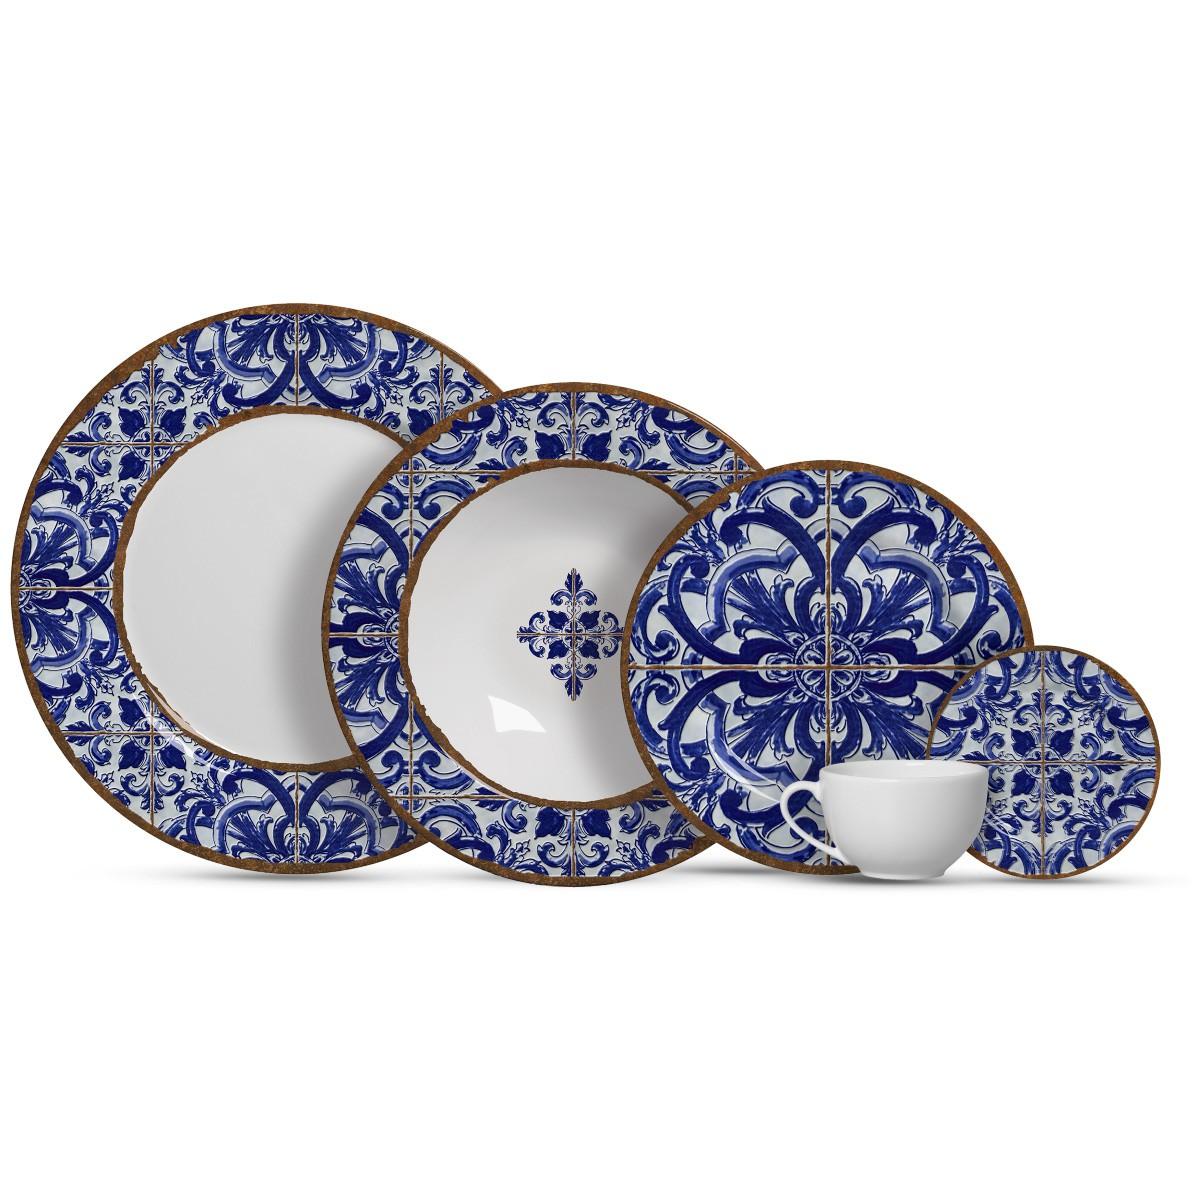 Aparelho De Jantar Cerâmica Coimbra 20 Pç